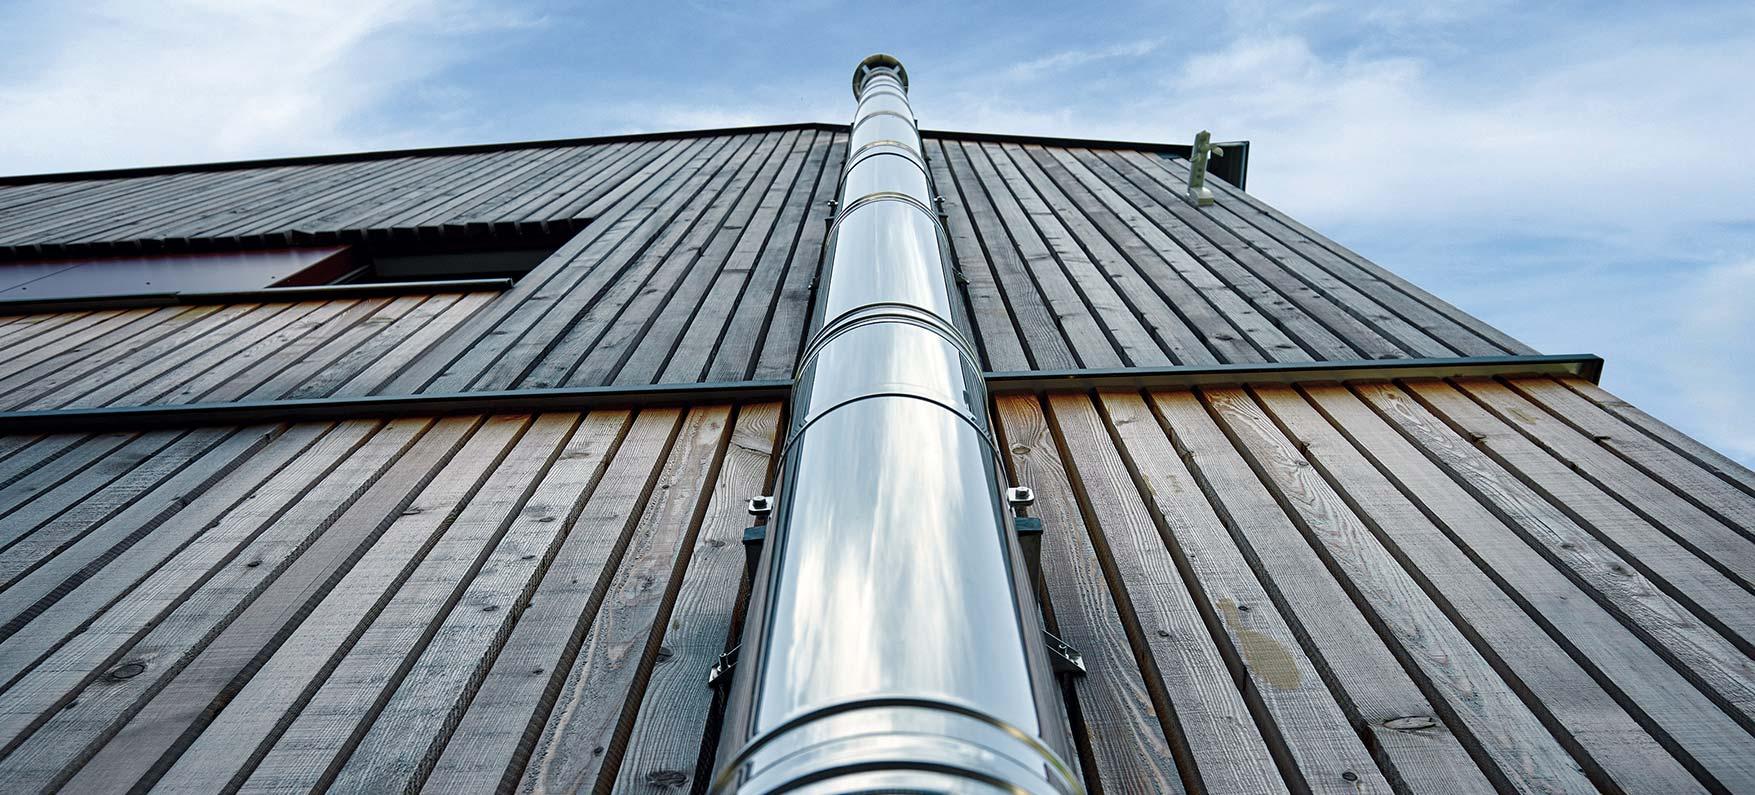 Qualitäts-Schornsteine aus Edelstahl bei Kaminstudio Duis Oer-Erkenschwick